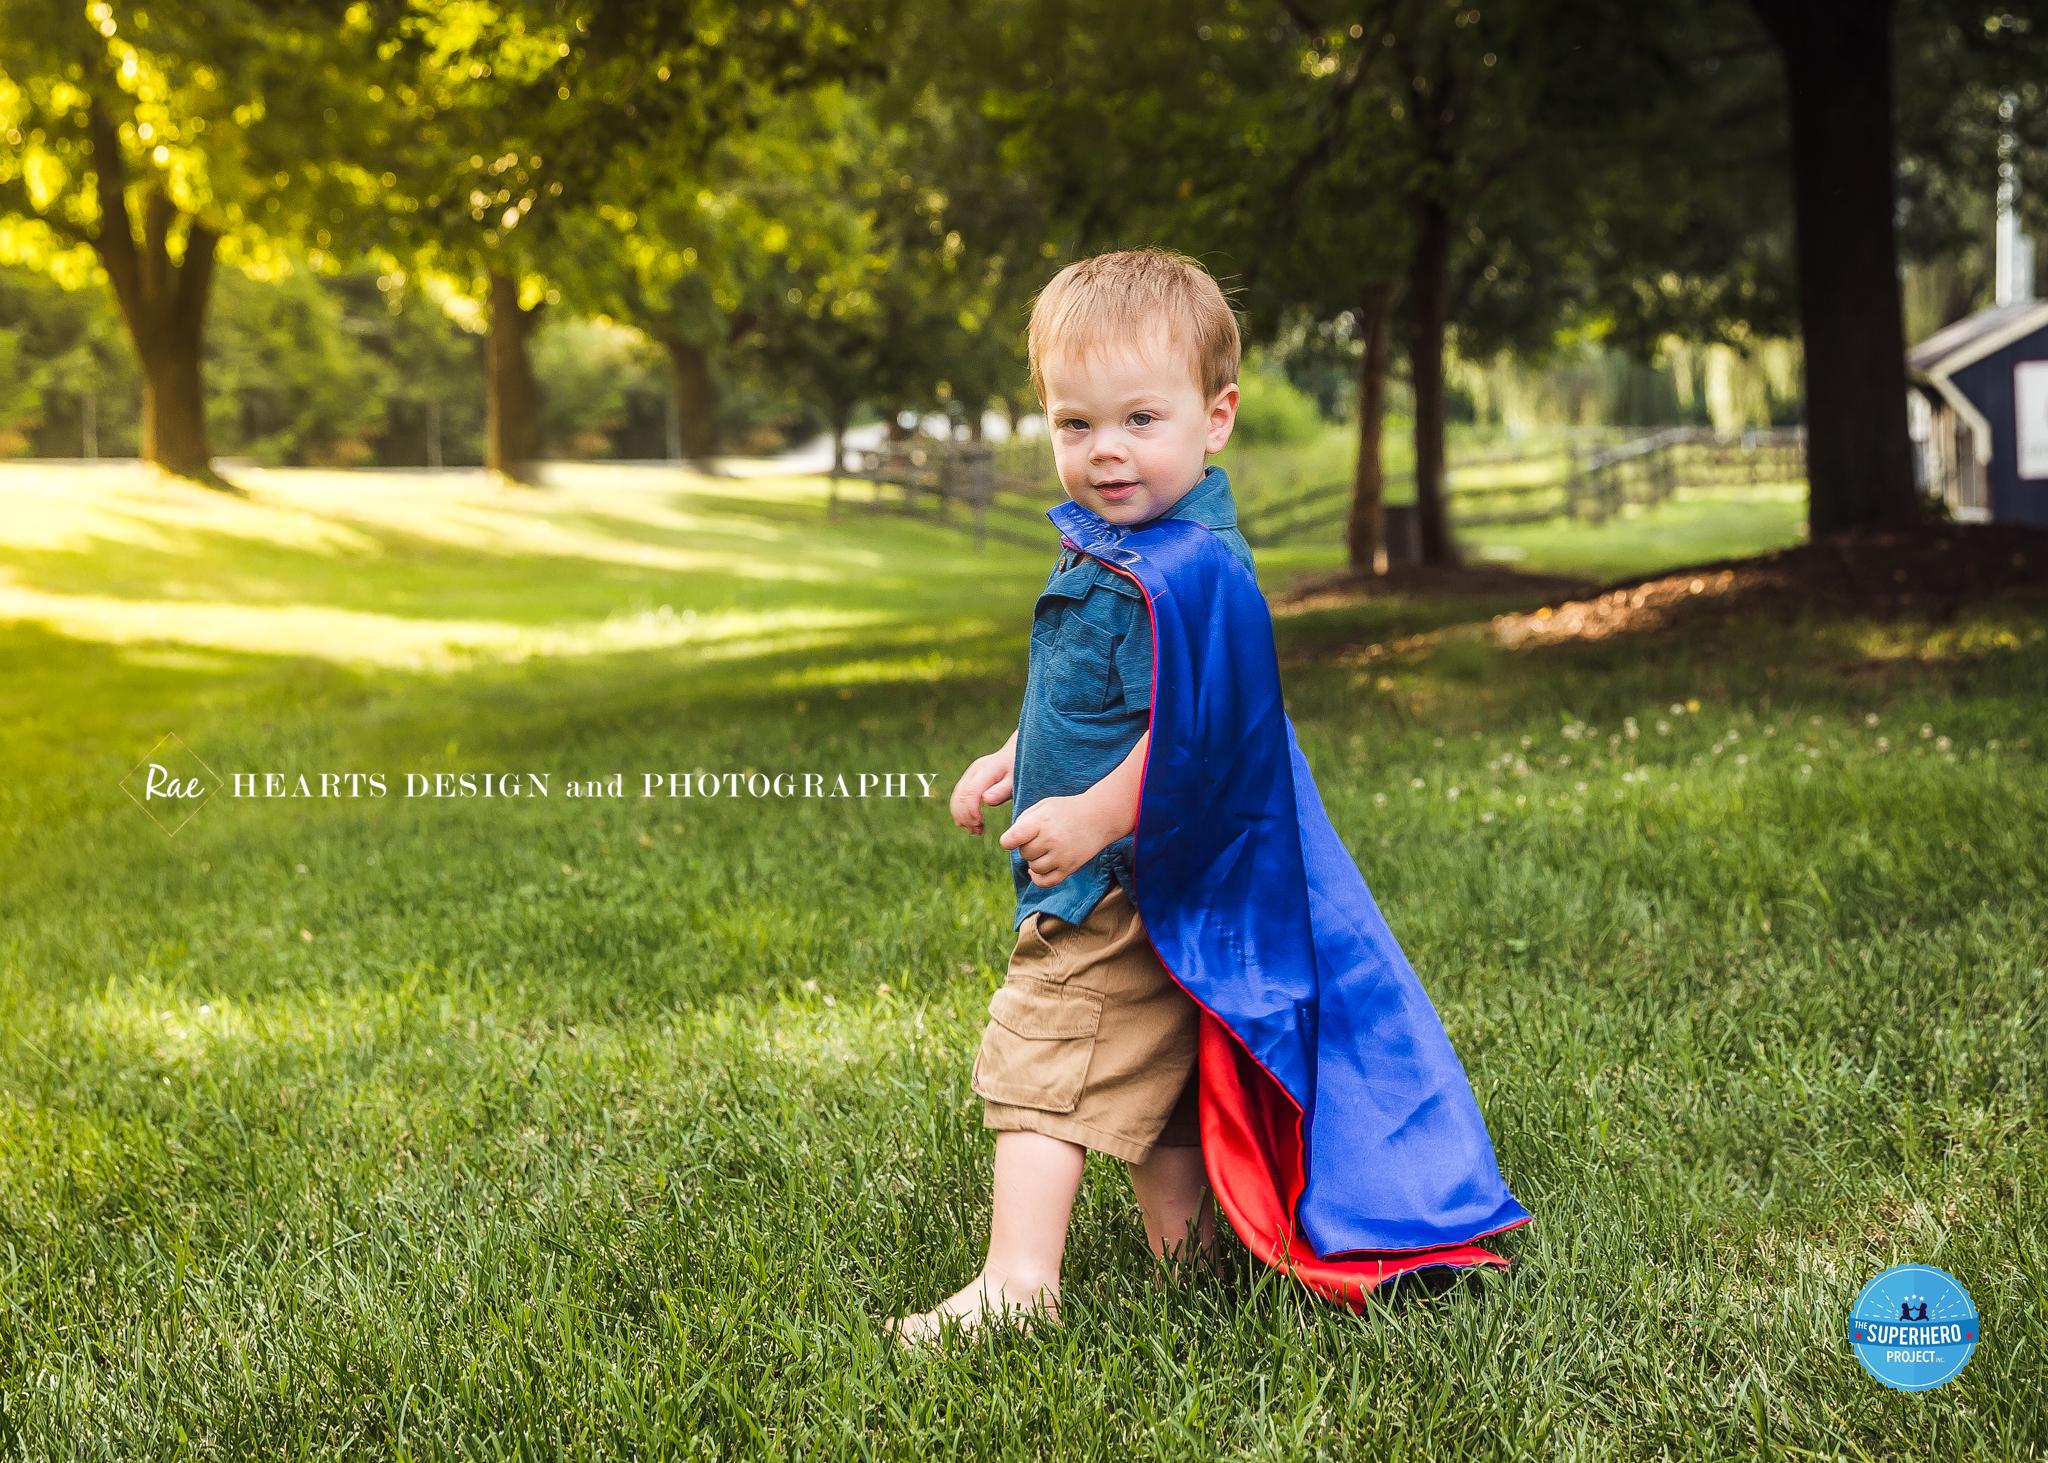 sp superhero-11 copy